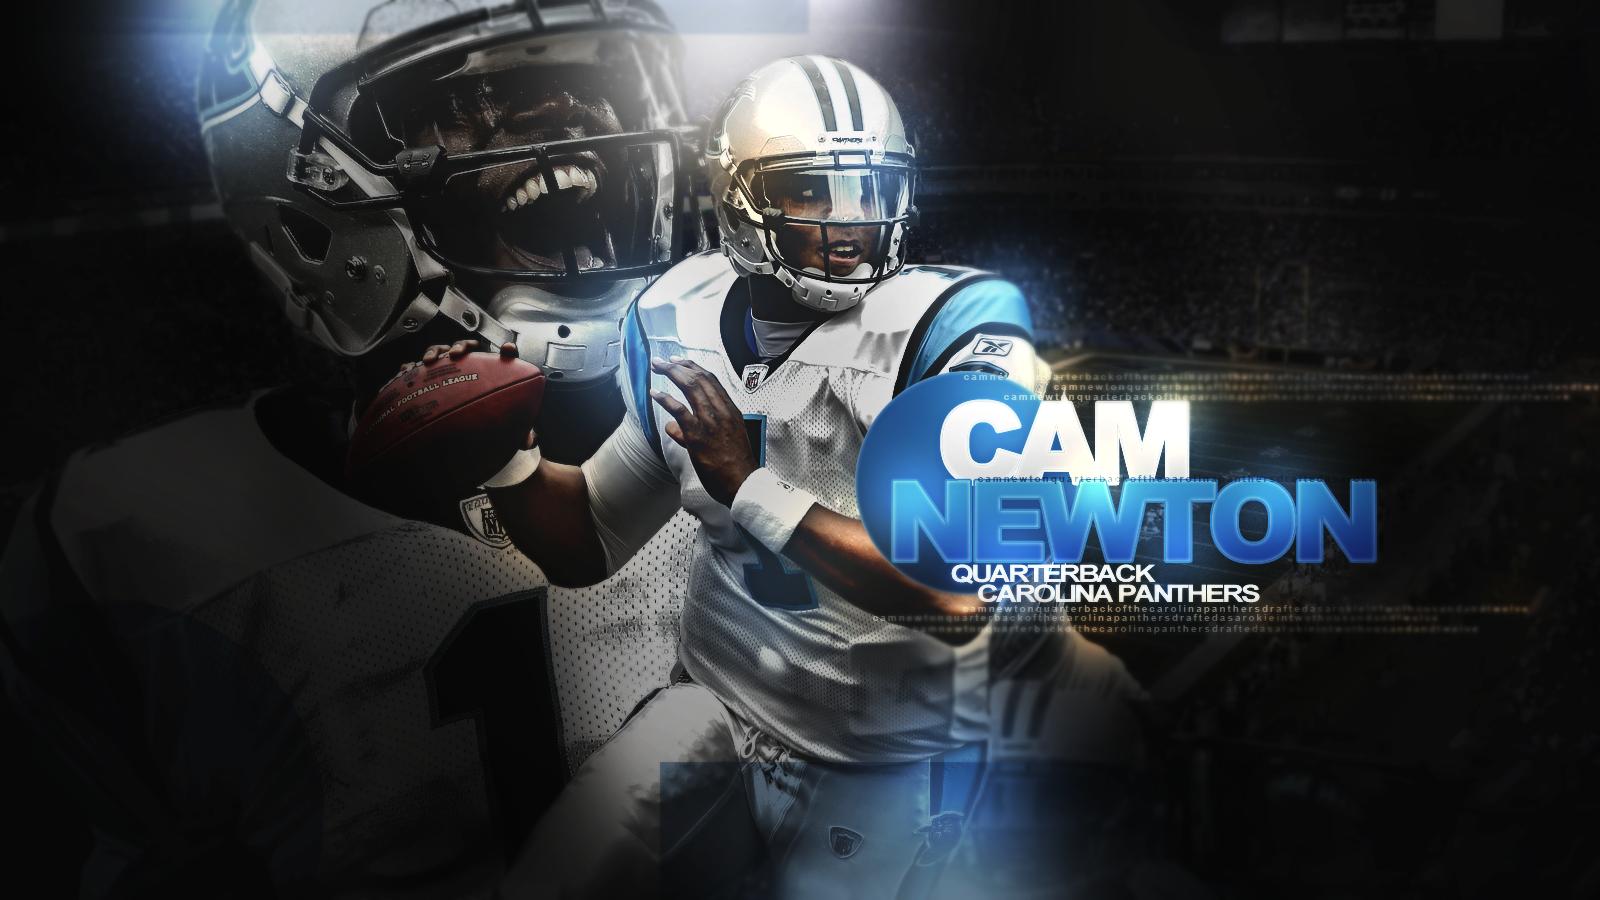 Cam Newton Wallpaper HD - WallpaperSafari